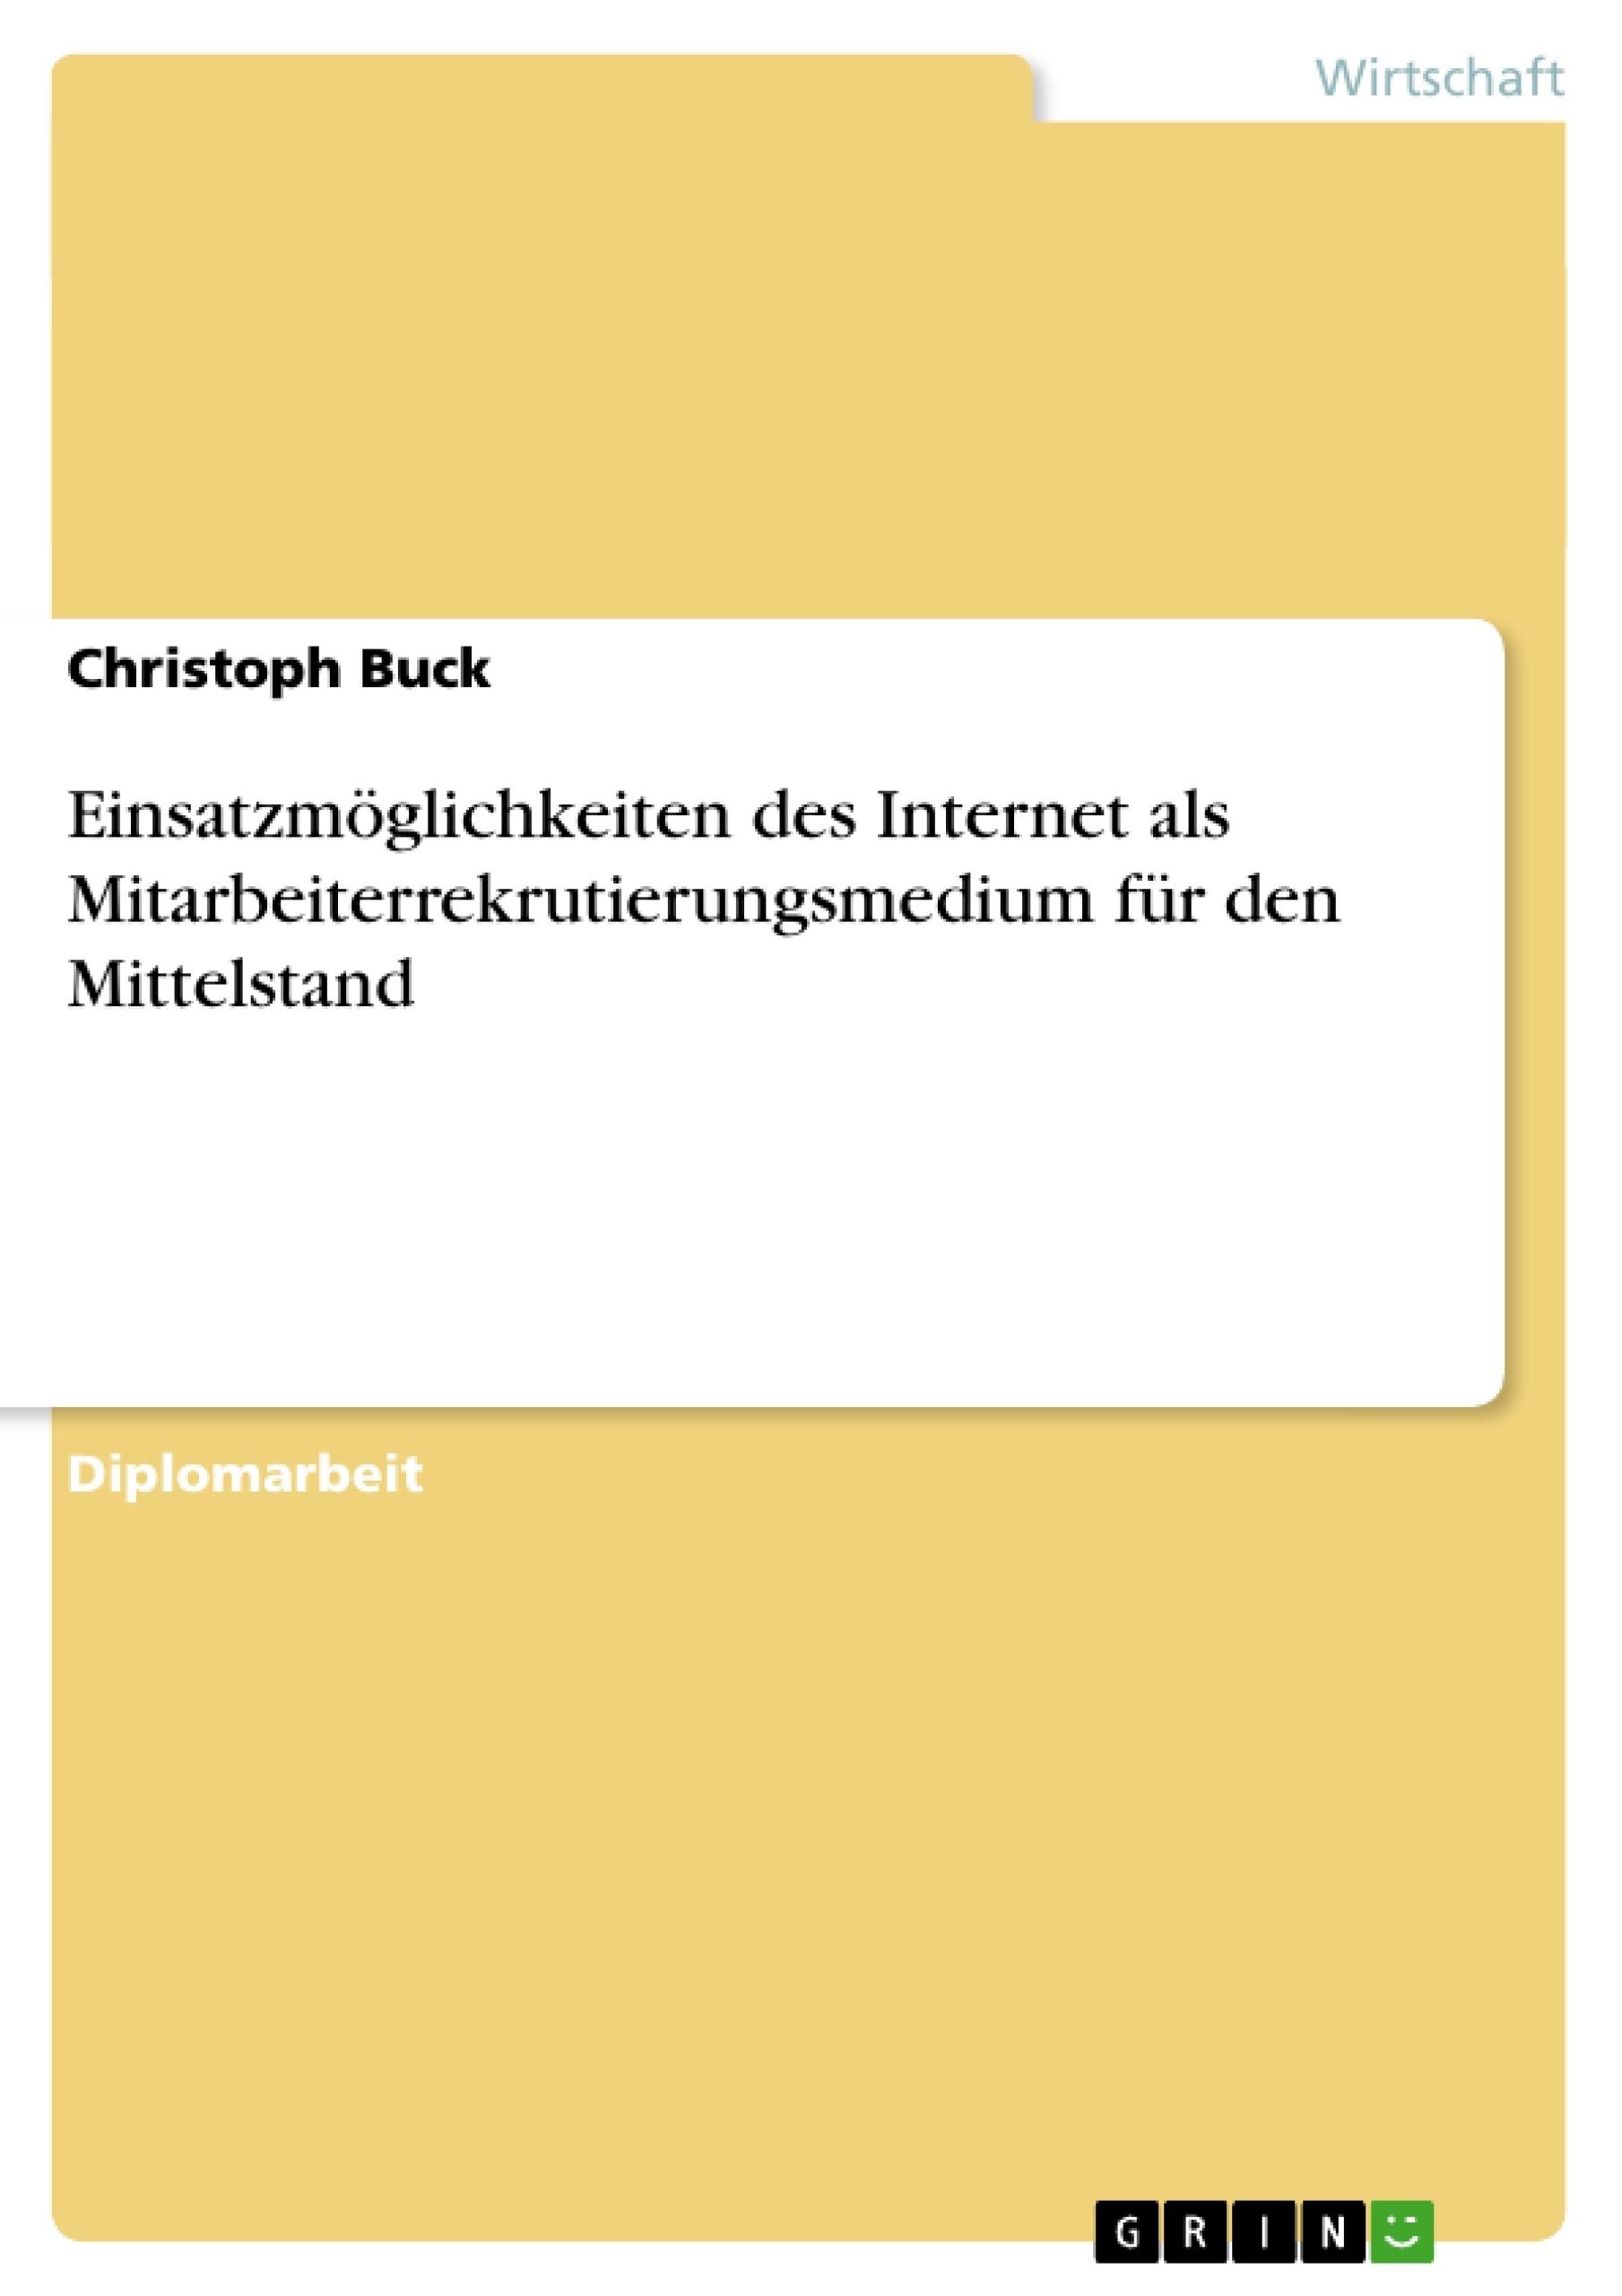 Titel: Einsatzmöglichkeiten des Internet als Mitarbeiterrekrutierungsmedium für den Mittelstand